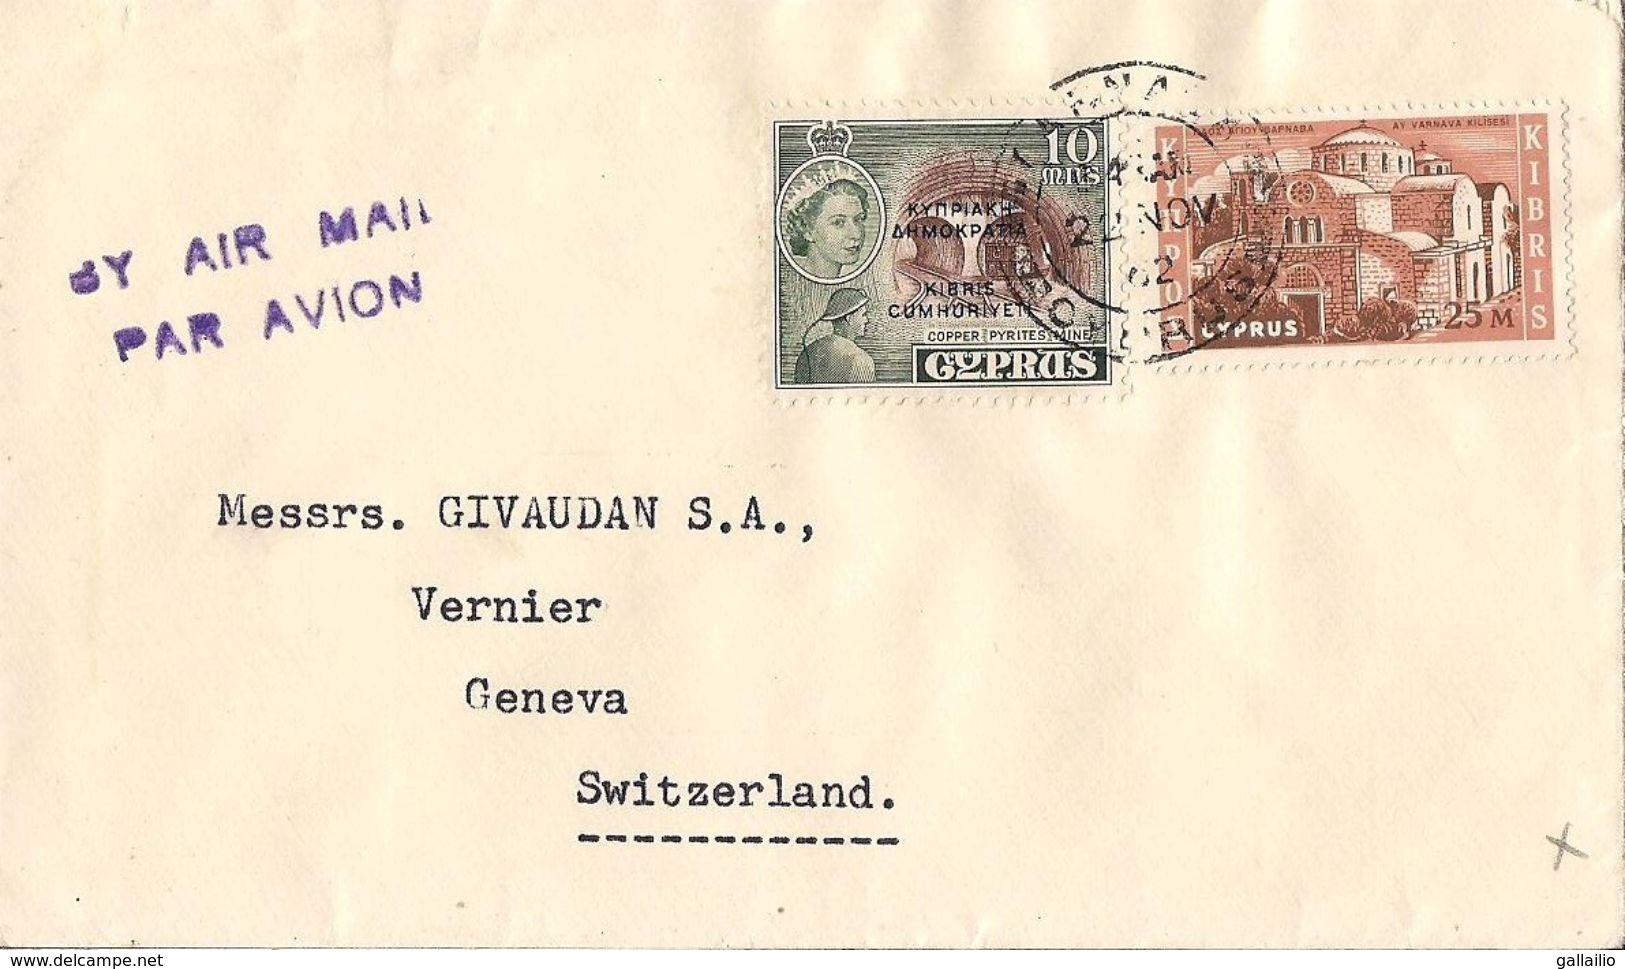 MARCOPHILIE LETTRE CHYPRE CYPRUS DE 1962  TP NO 174 ET 198 YT - Chypre (Turquie)